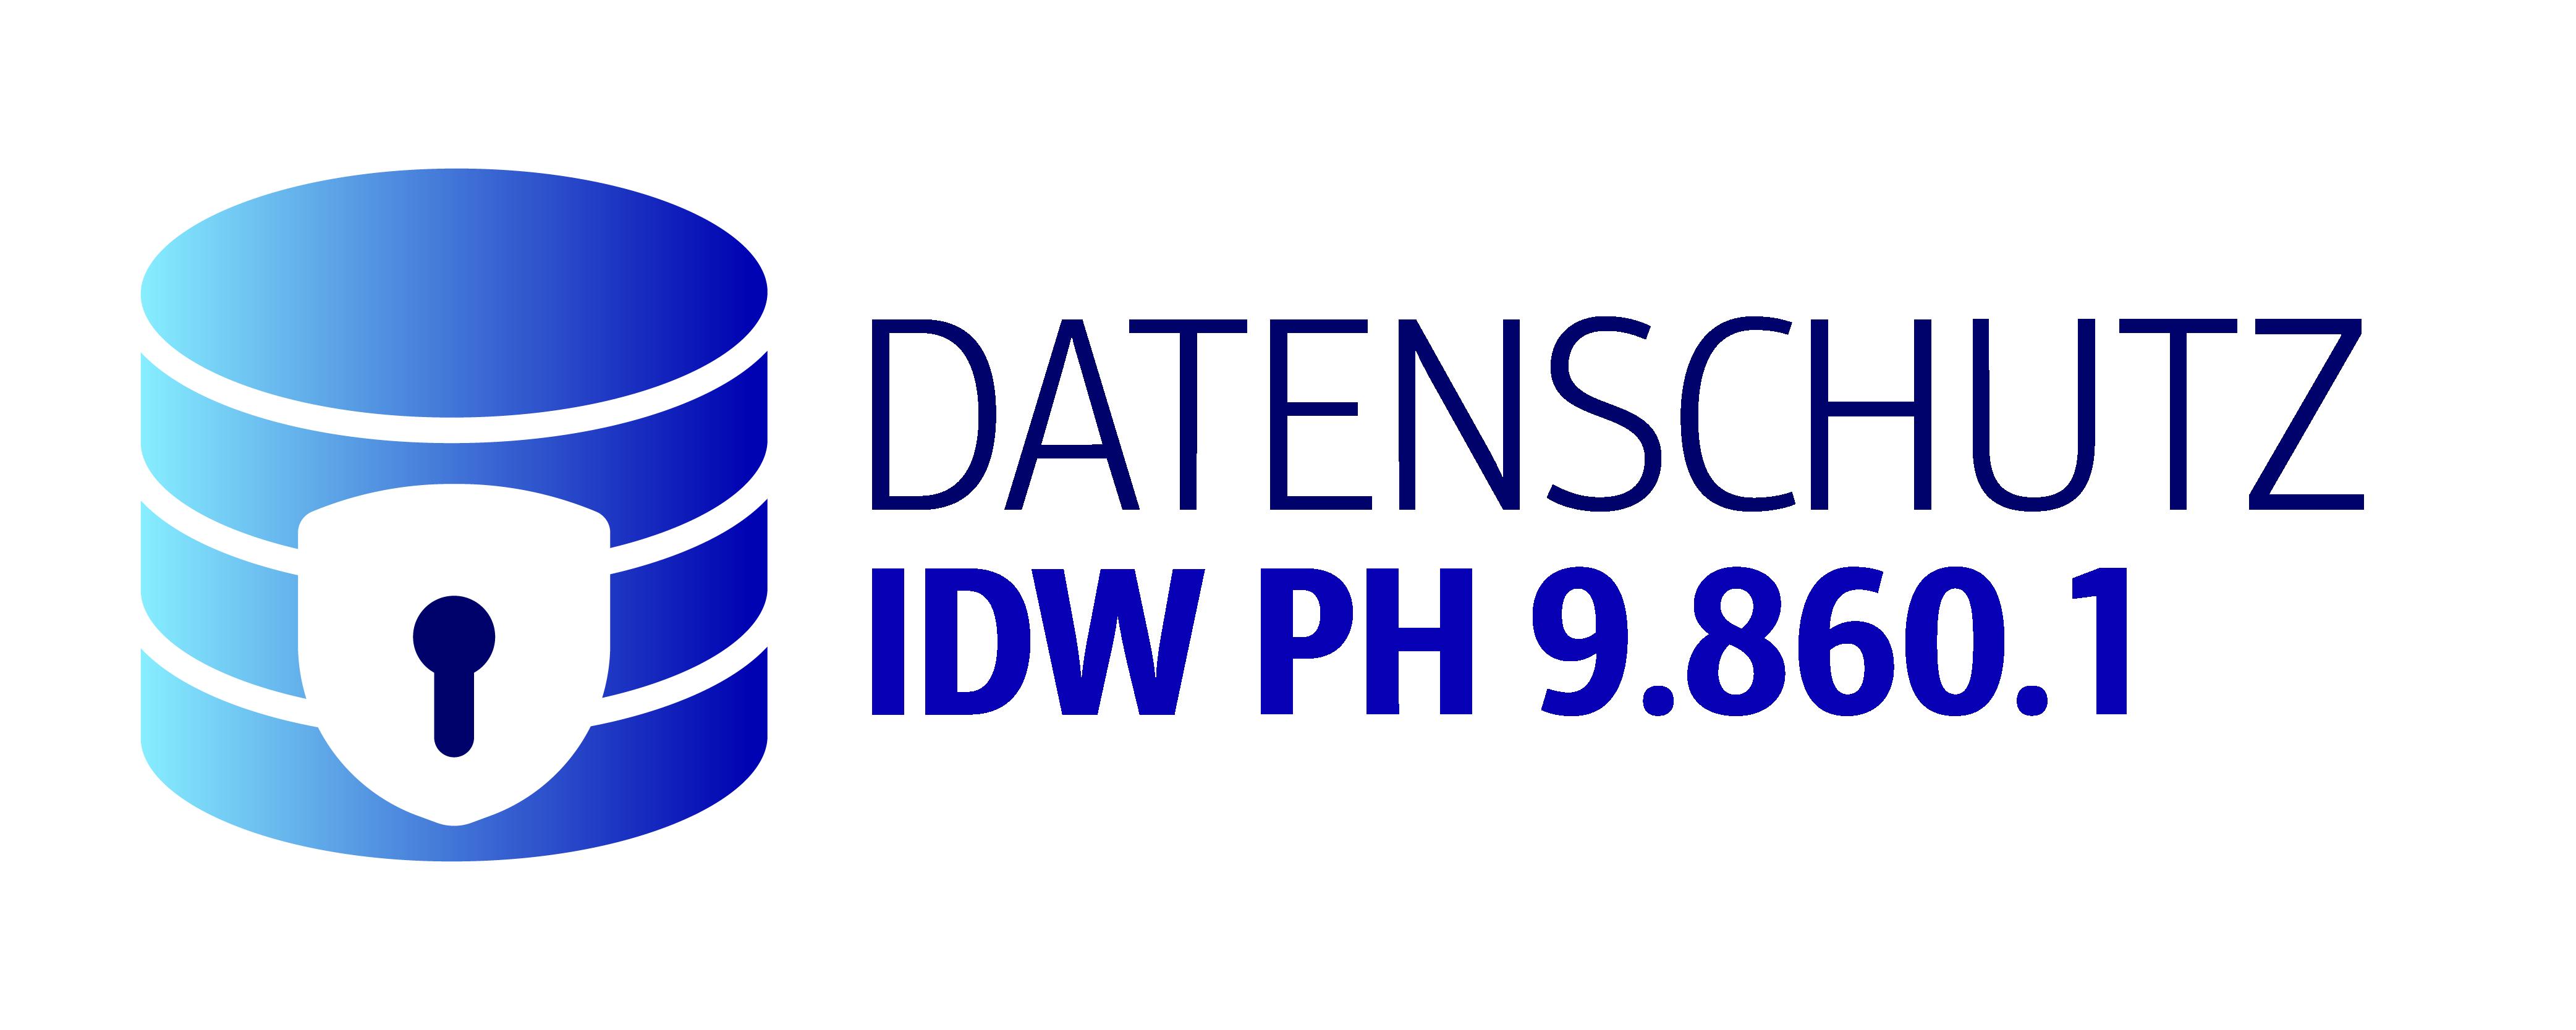 Datenschutz nach IDW PH 9.860.1